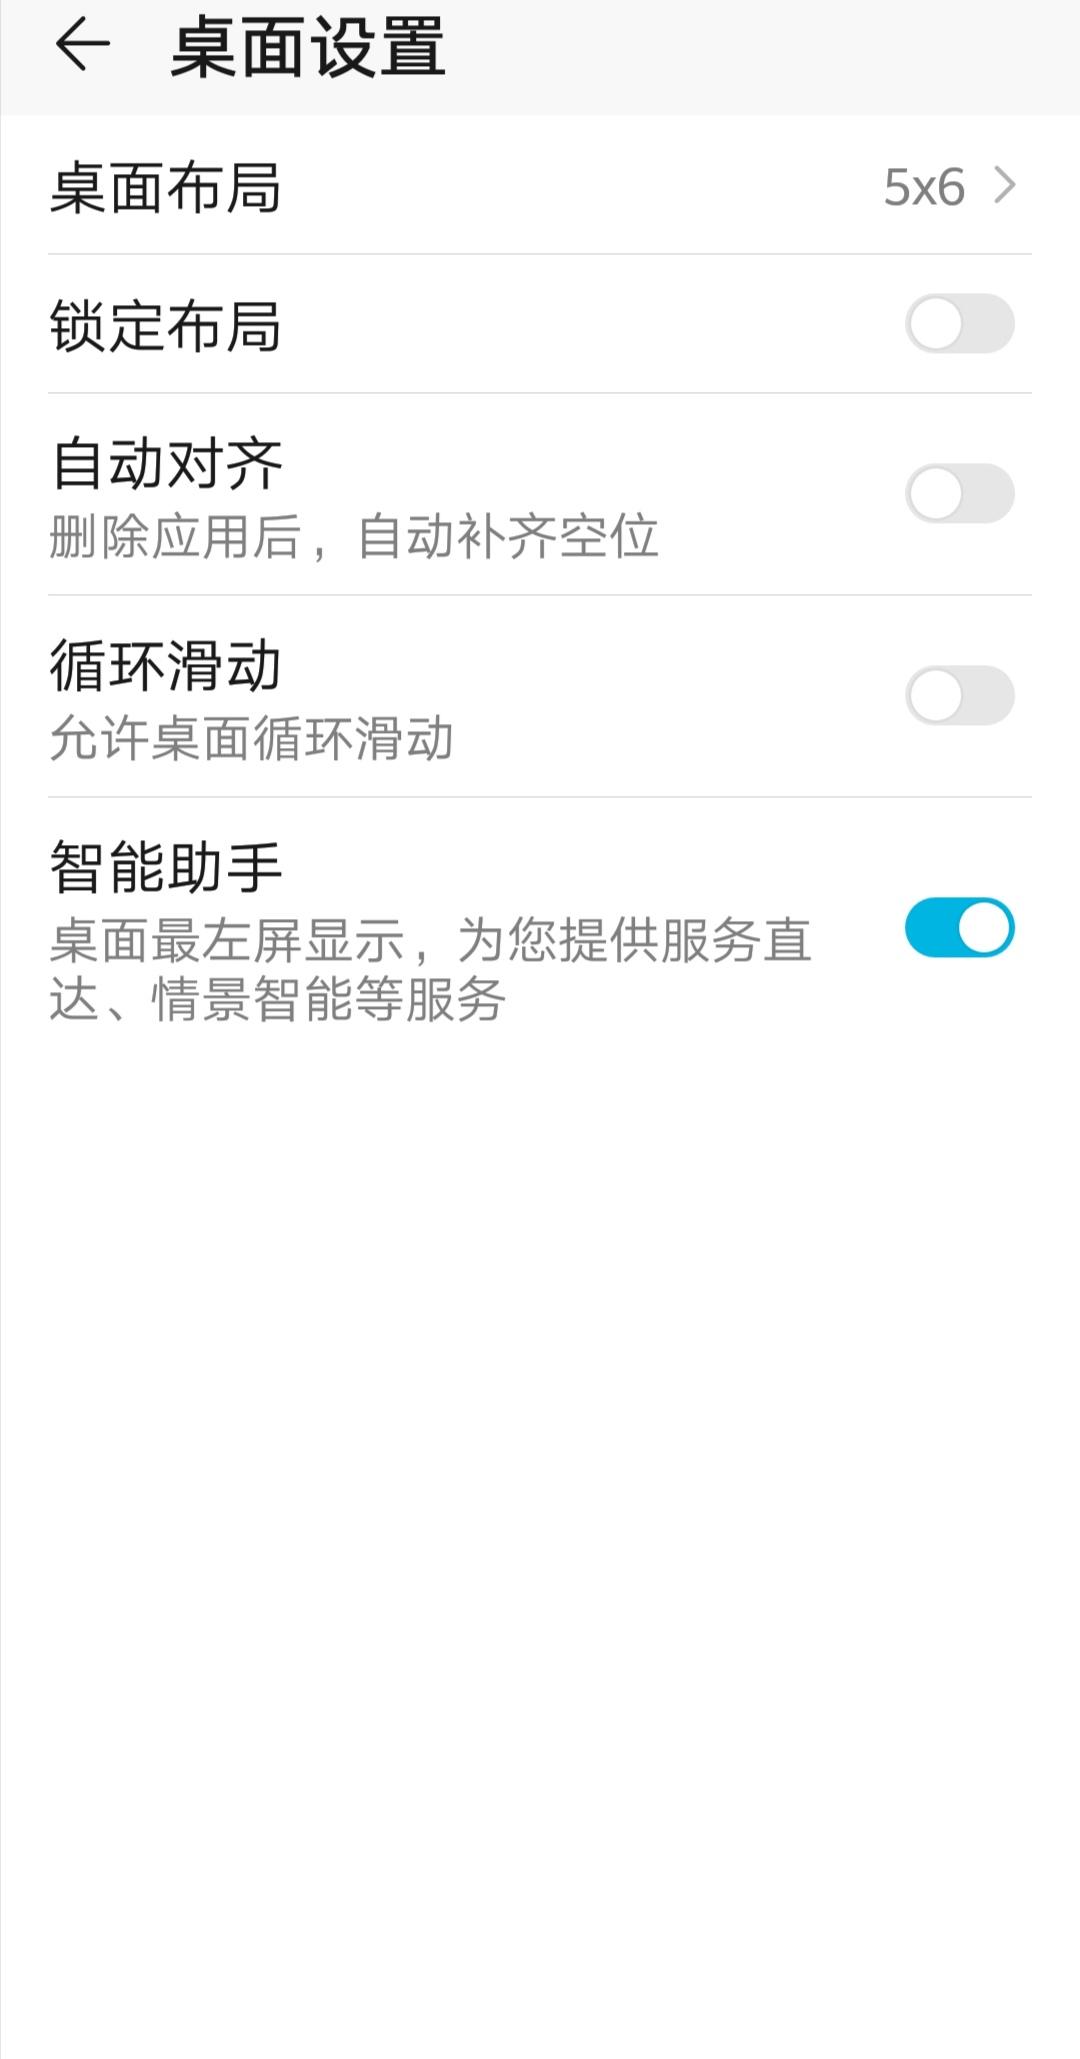 Screenshot_20191212_141916.jpg